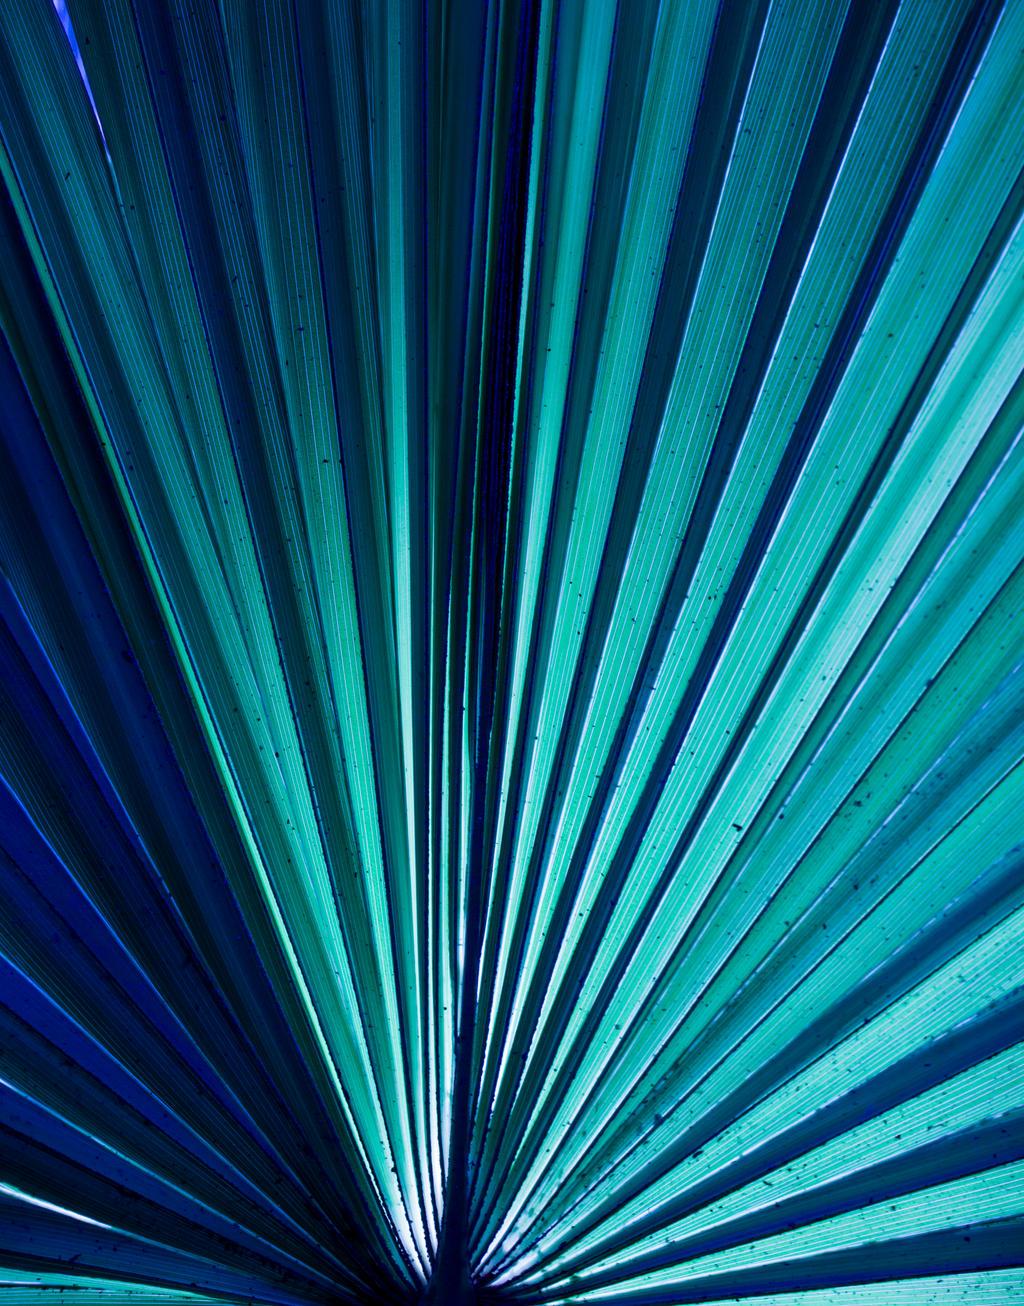 Blue by EyeOfTheKat